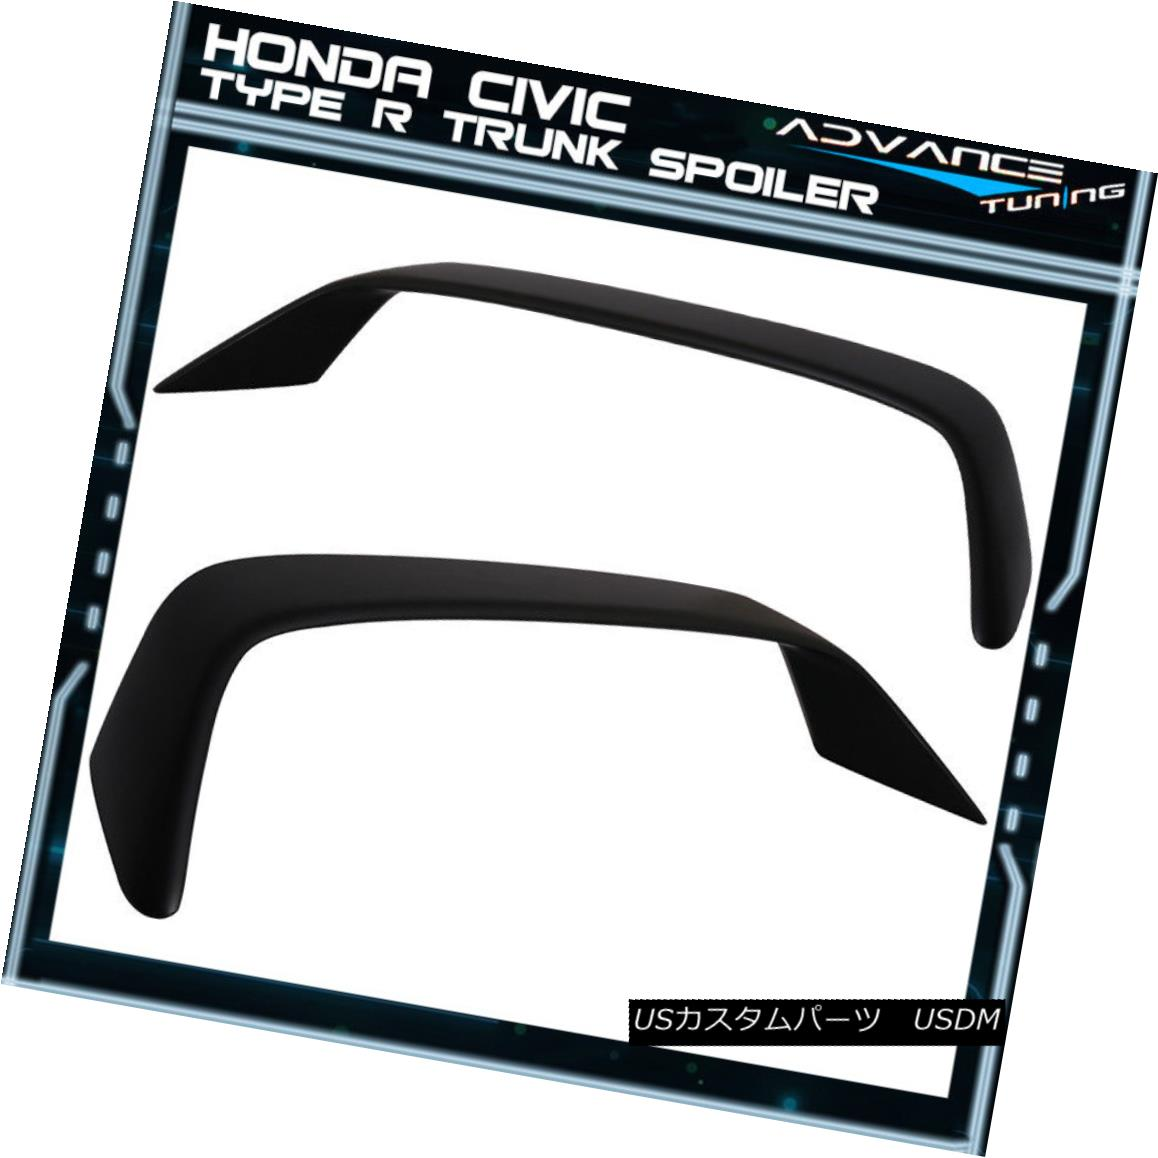 エアロパーツ 96-08 Honda Civic Si Coupe 2Dr EM FG Type R Rear Trunk Spoiler Wing - ABS 96-08ホンダシビックSiクーペ2Dr EM FGタイプRリアトランクスポイラーウィング - ABS